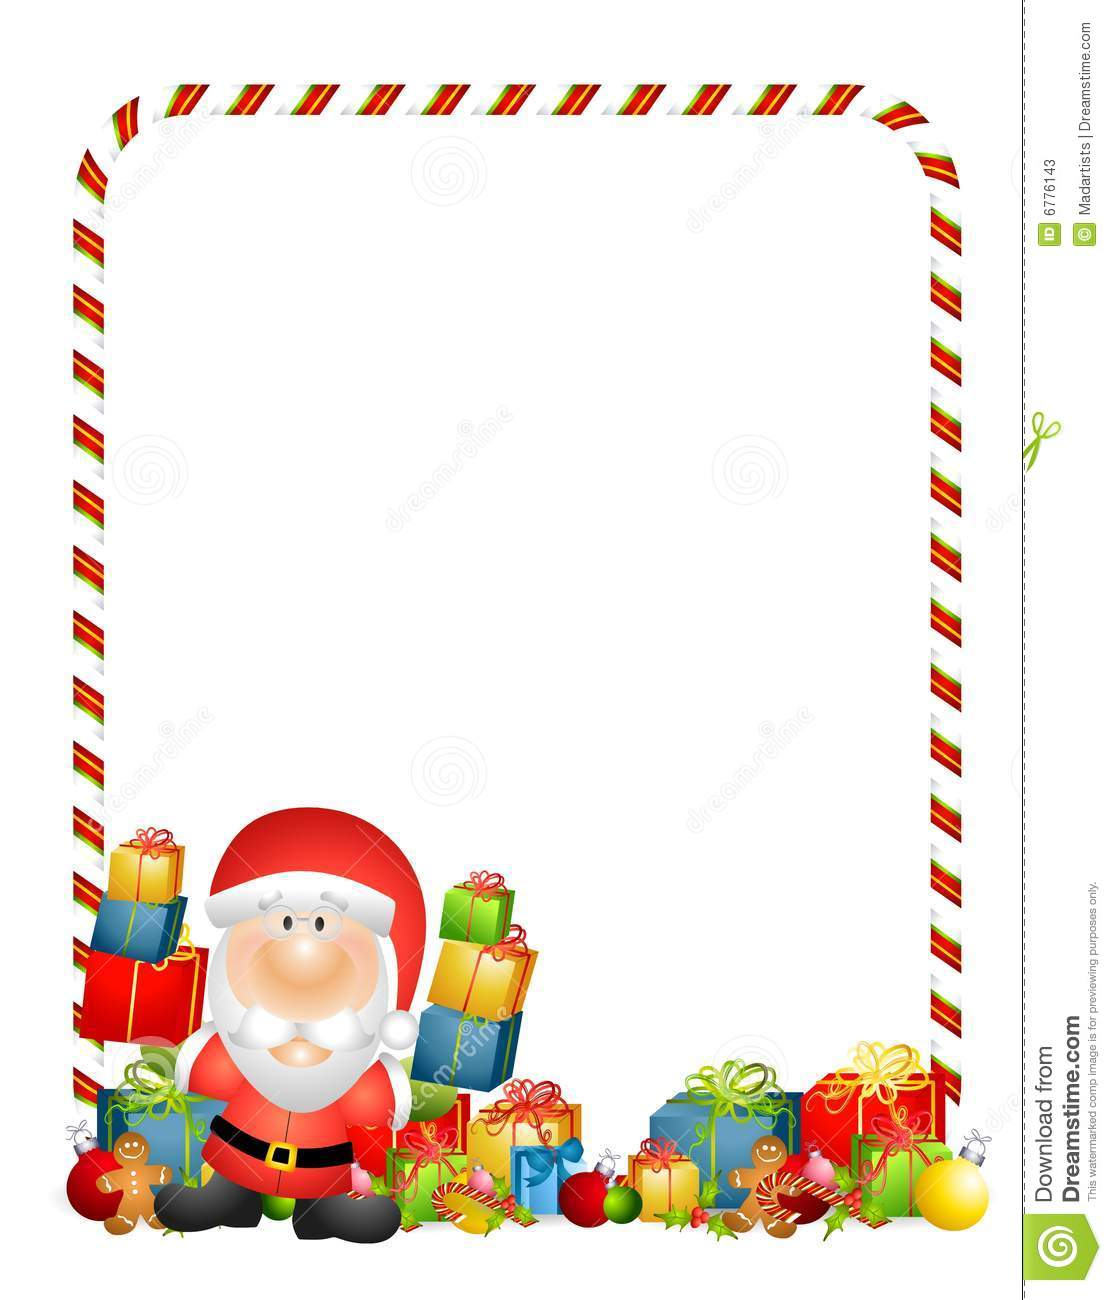 Santa Claus Border Clipart Clipart Kid.